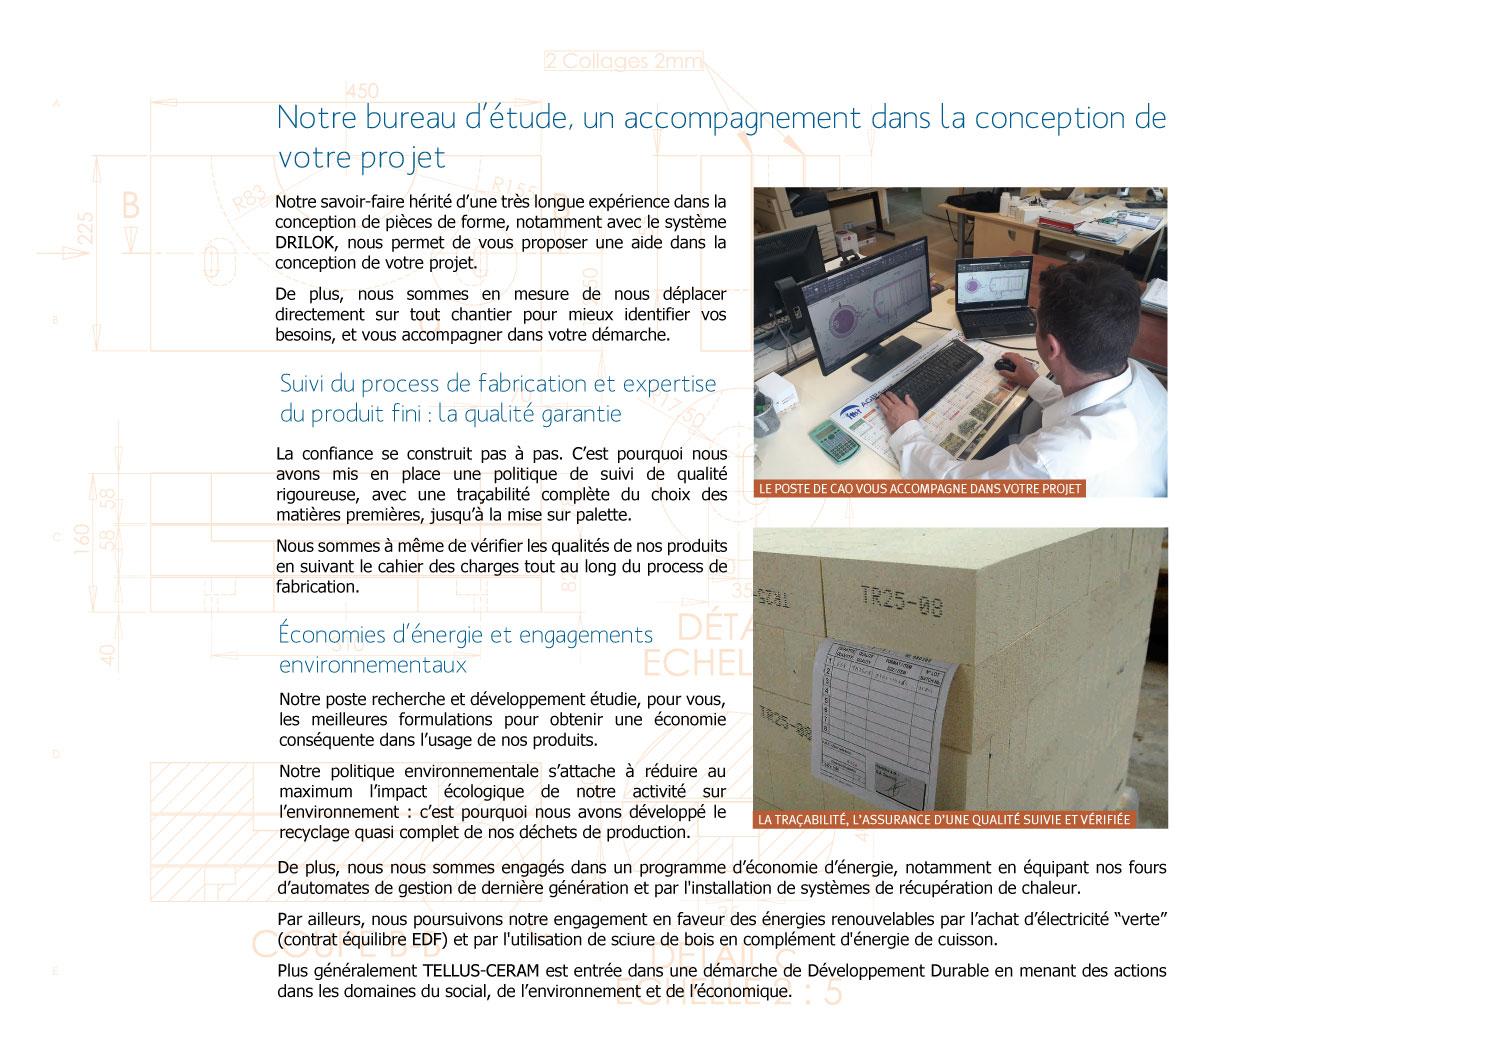 Brochure-Tellus-Ceram-page.5